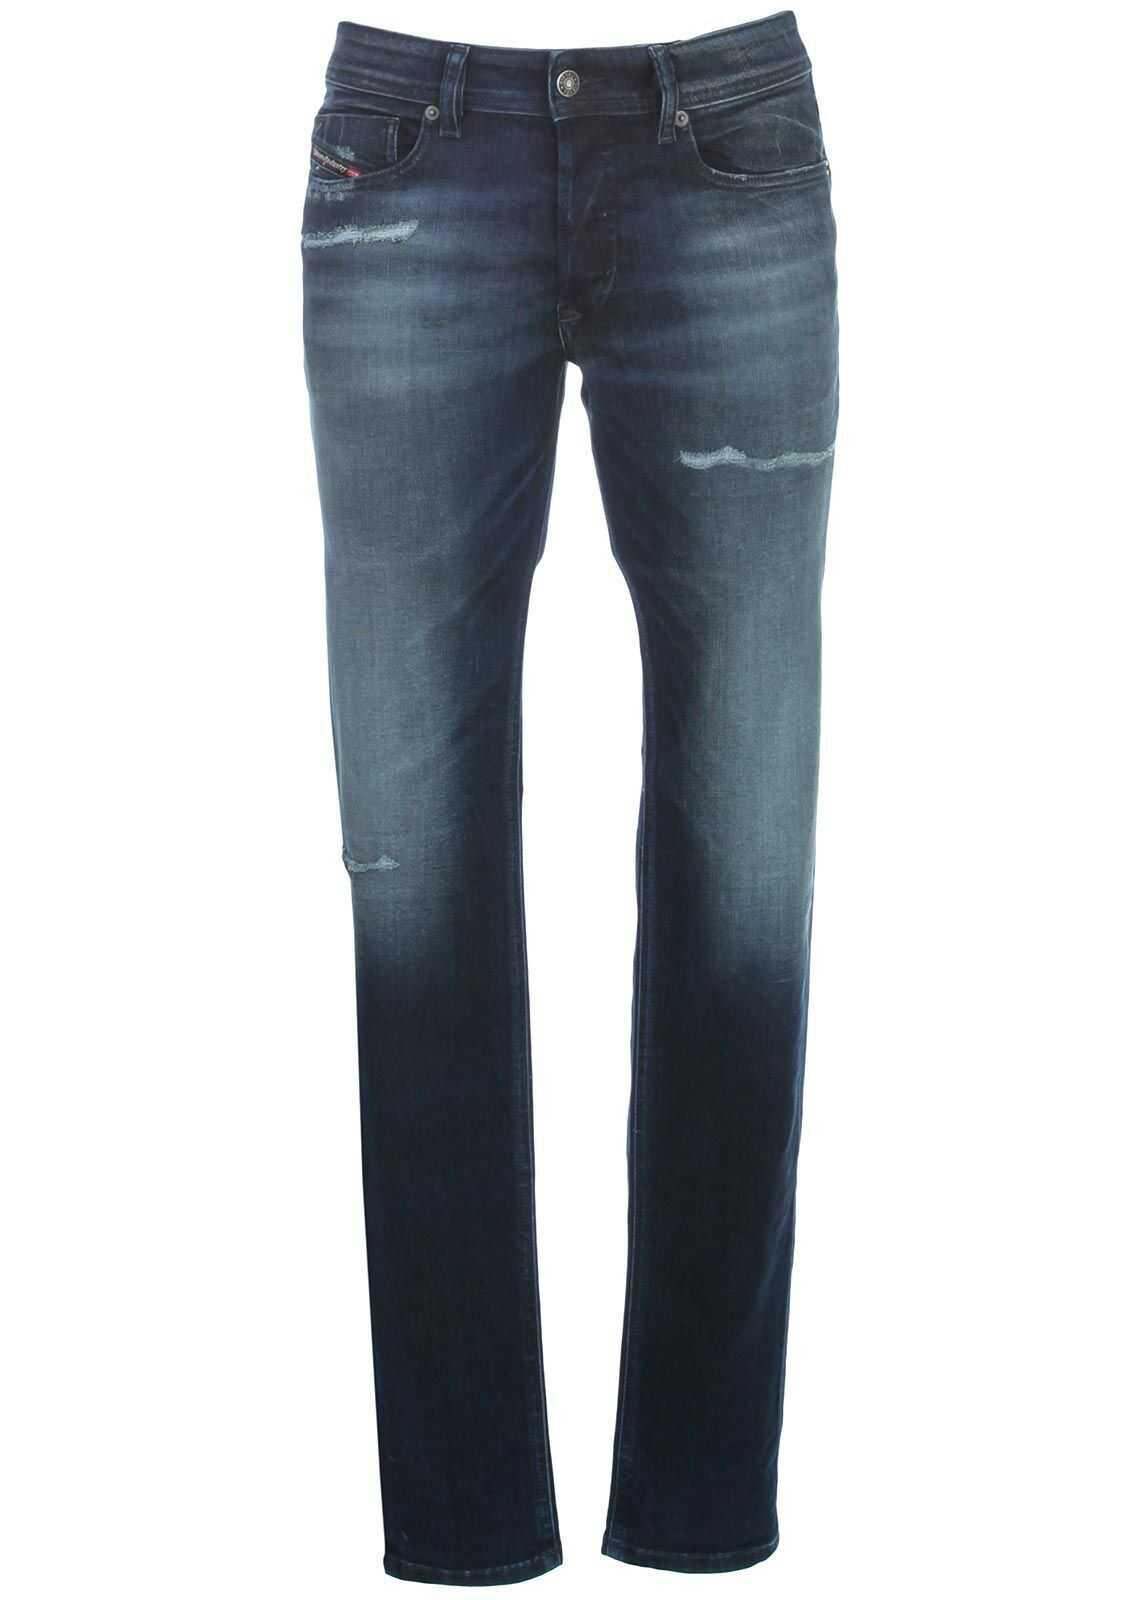 Diesel Cotton Jeans BLUE